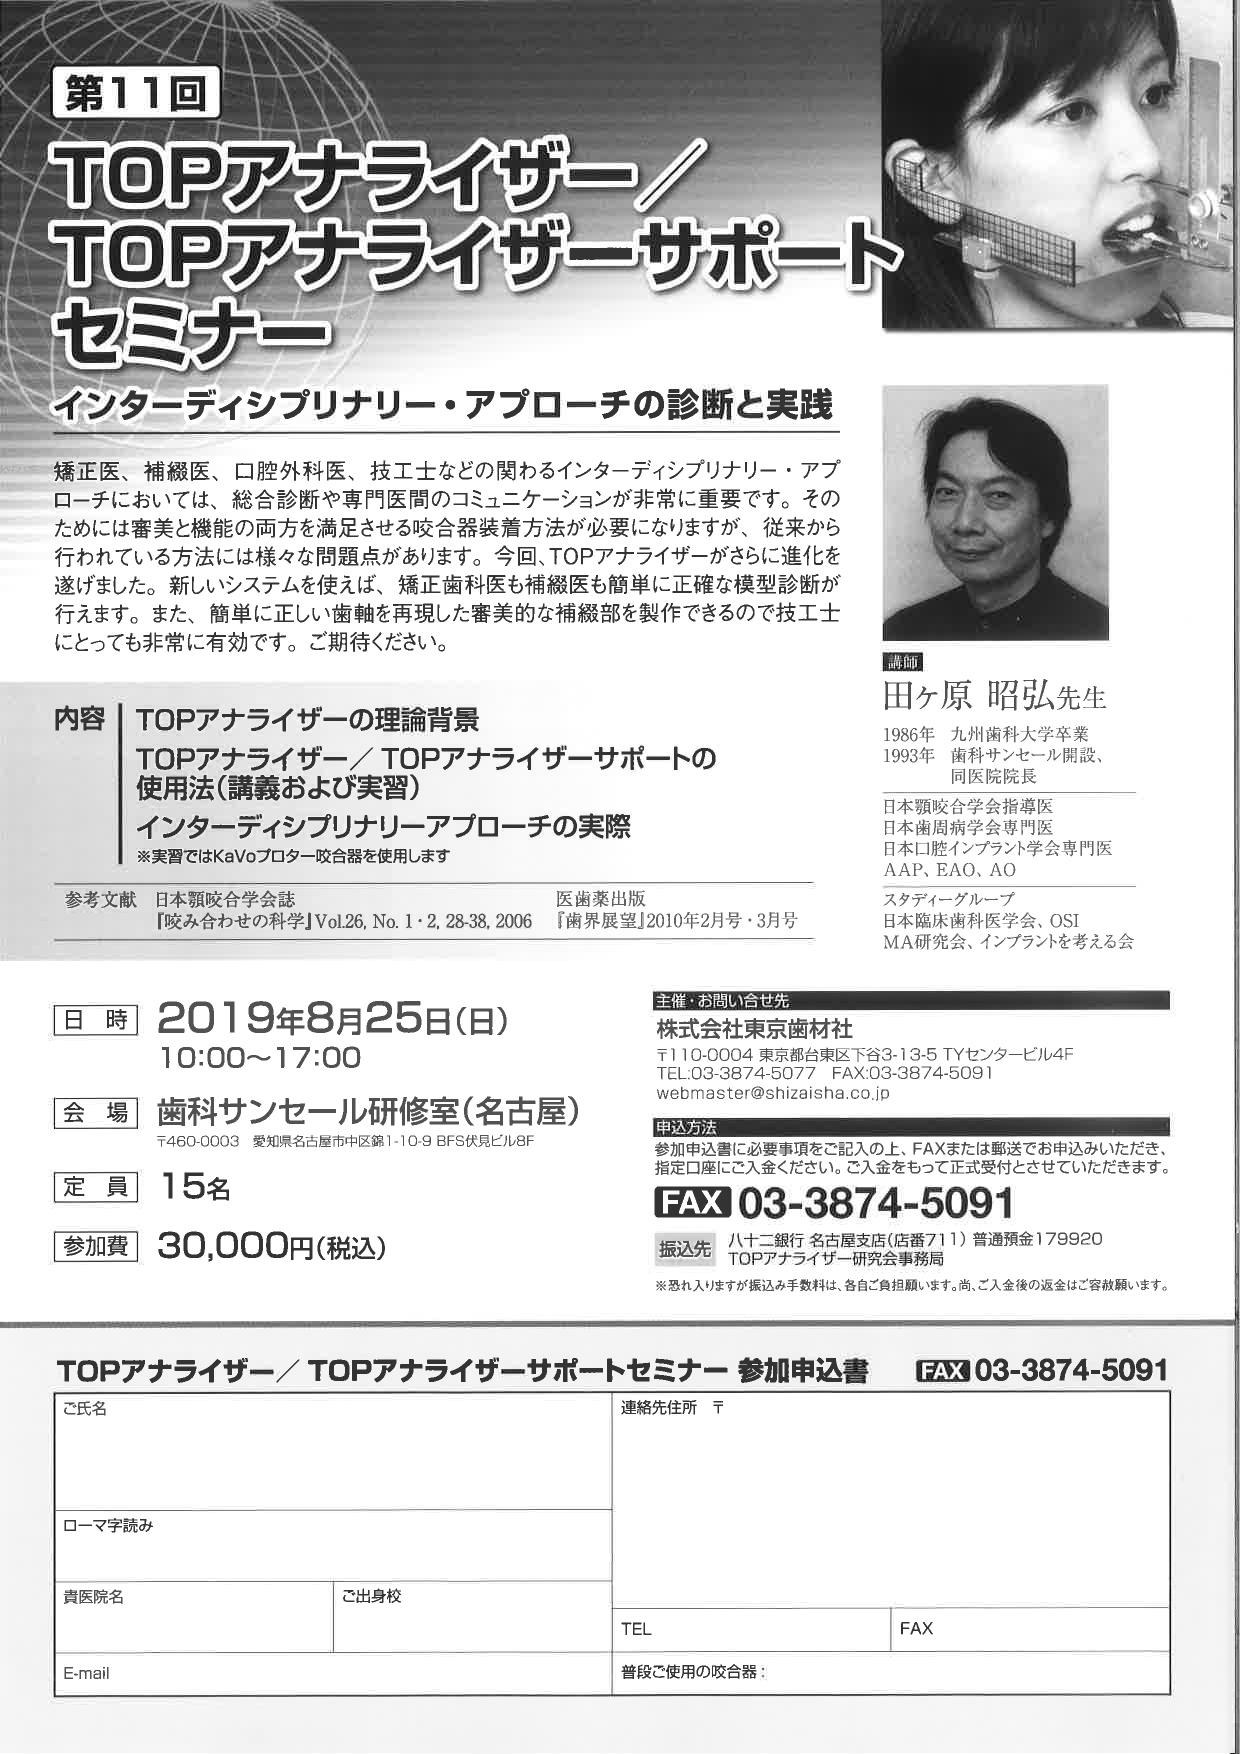 【満席】インタ―ディシプリナリー・アプローチの診断と実践 ~TOPアナライザー/TOPアナライザーサポートセミナー~